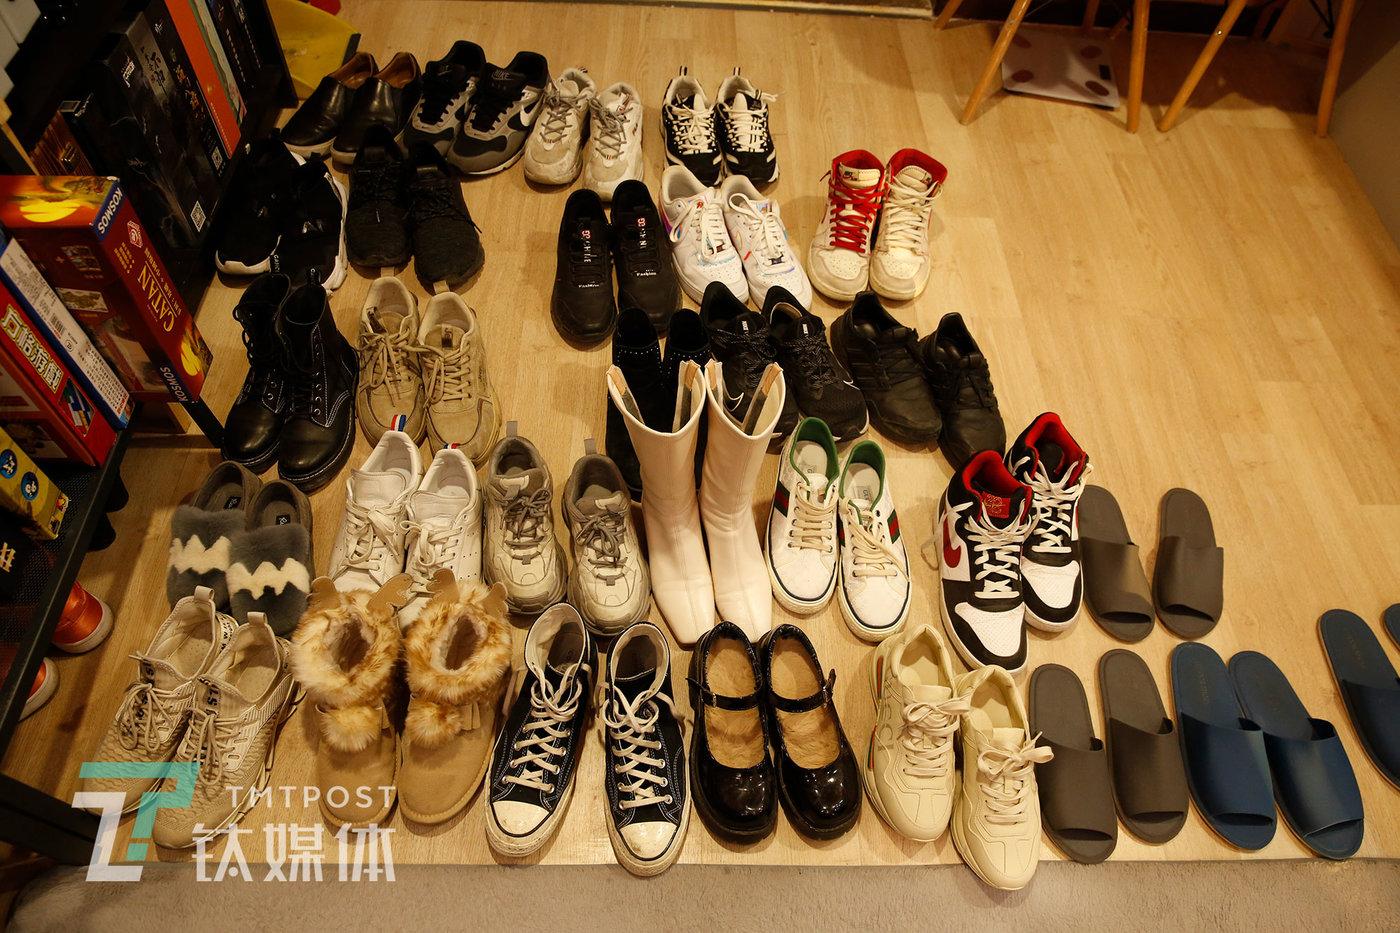 1月30日星期六16:31,客人的鞋摆在门口。店长表示,周末店里生意很好,有时客人多到需要排队等待。